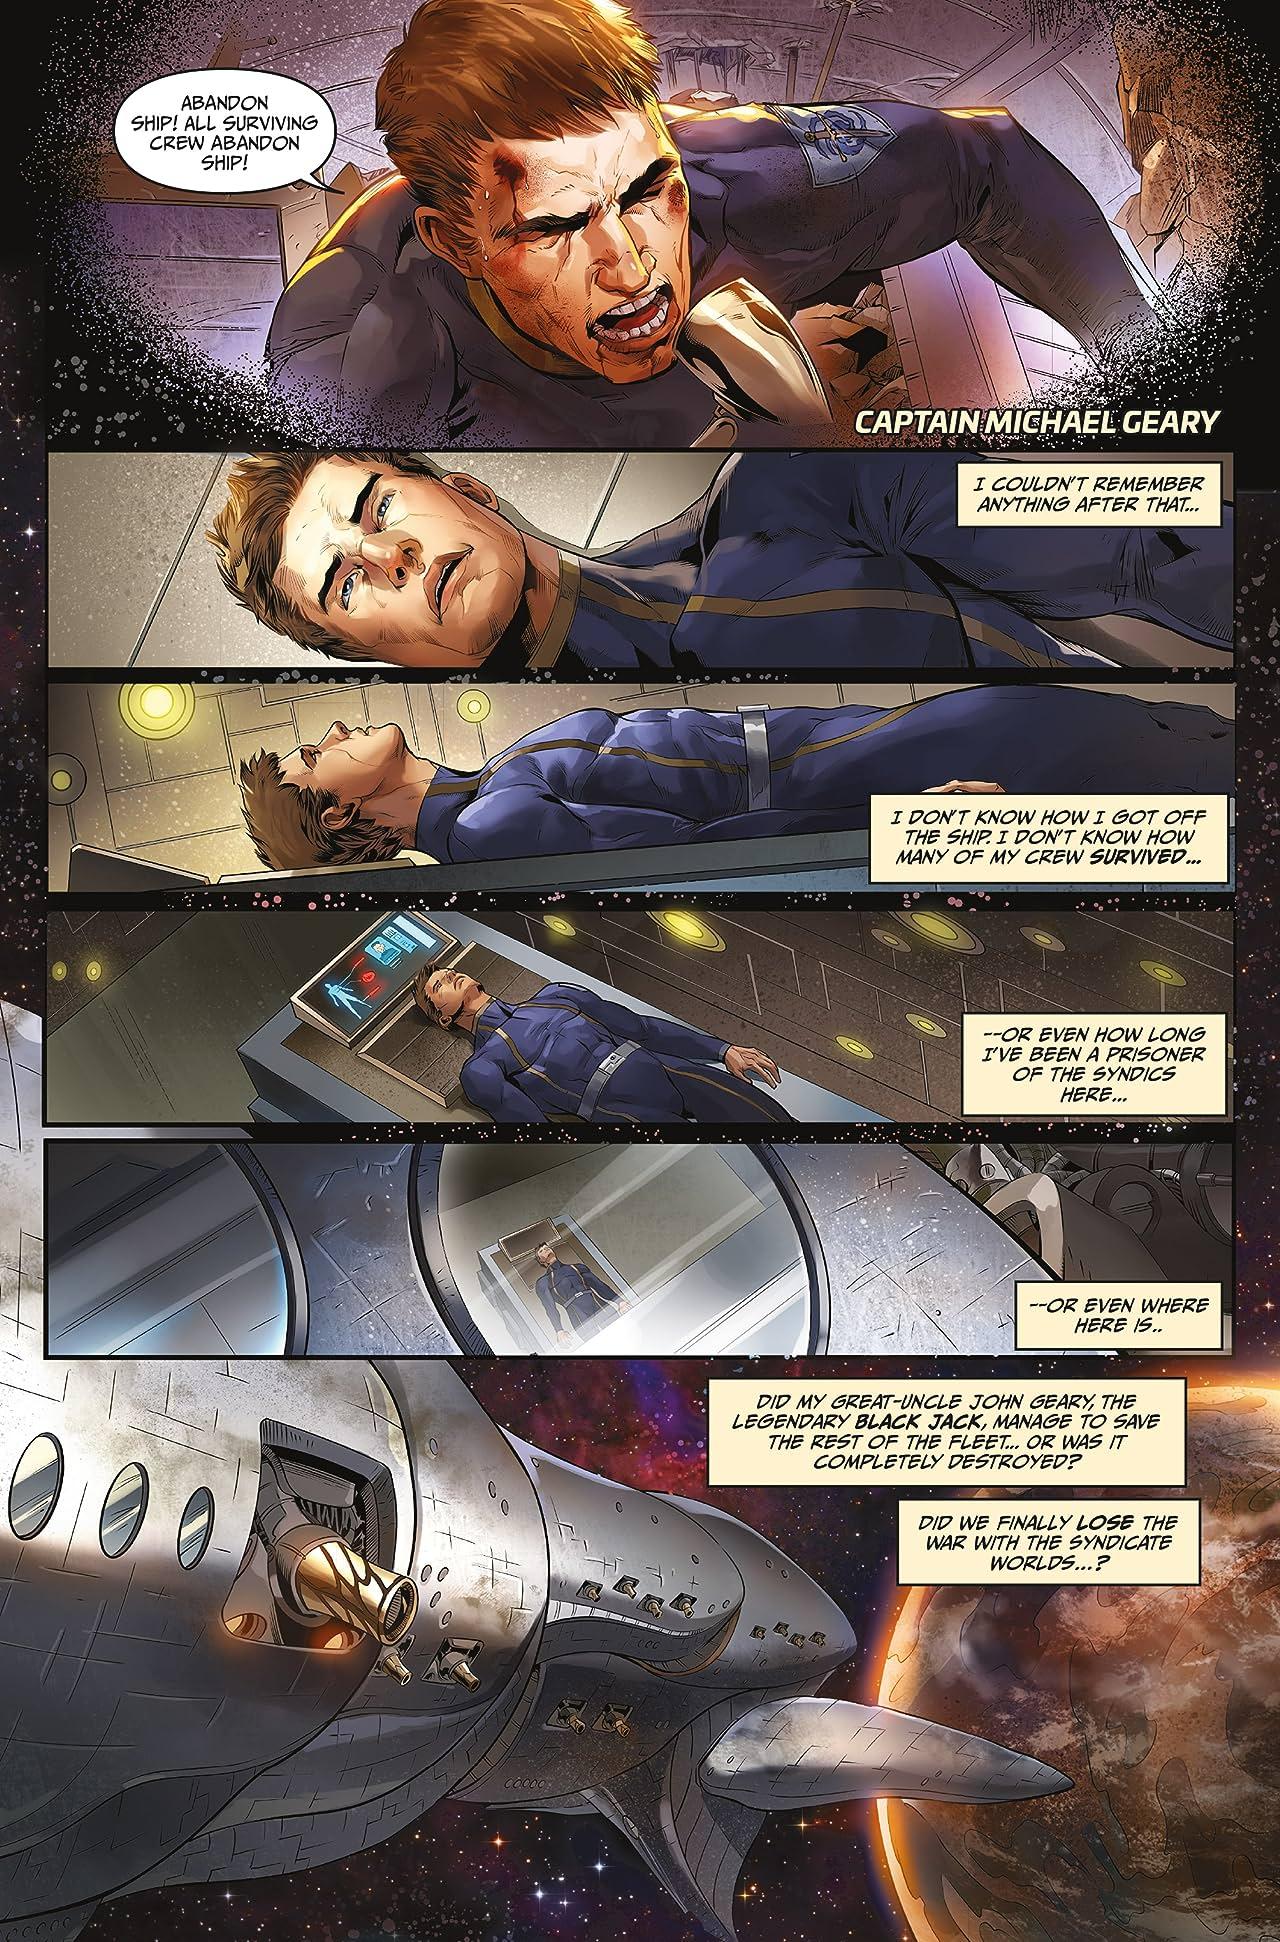 The Lost Fleet: Corsair Vol. 1